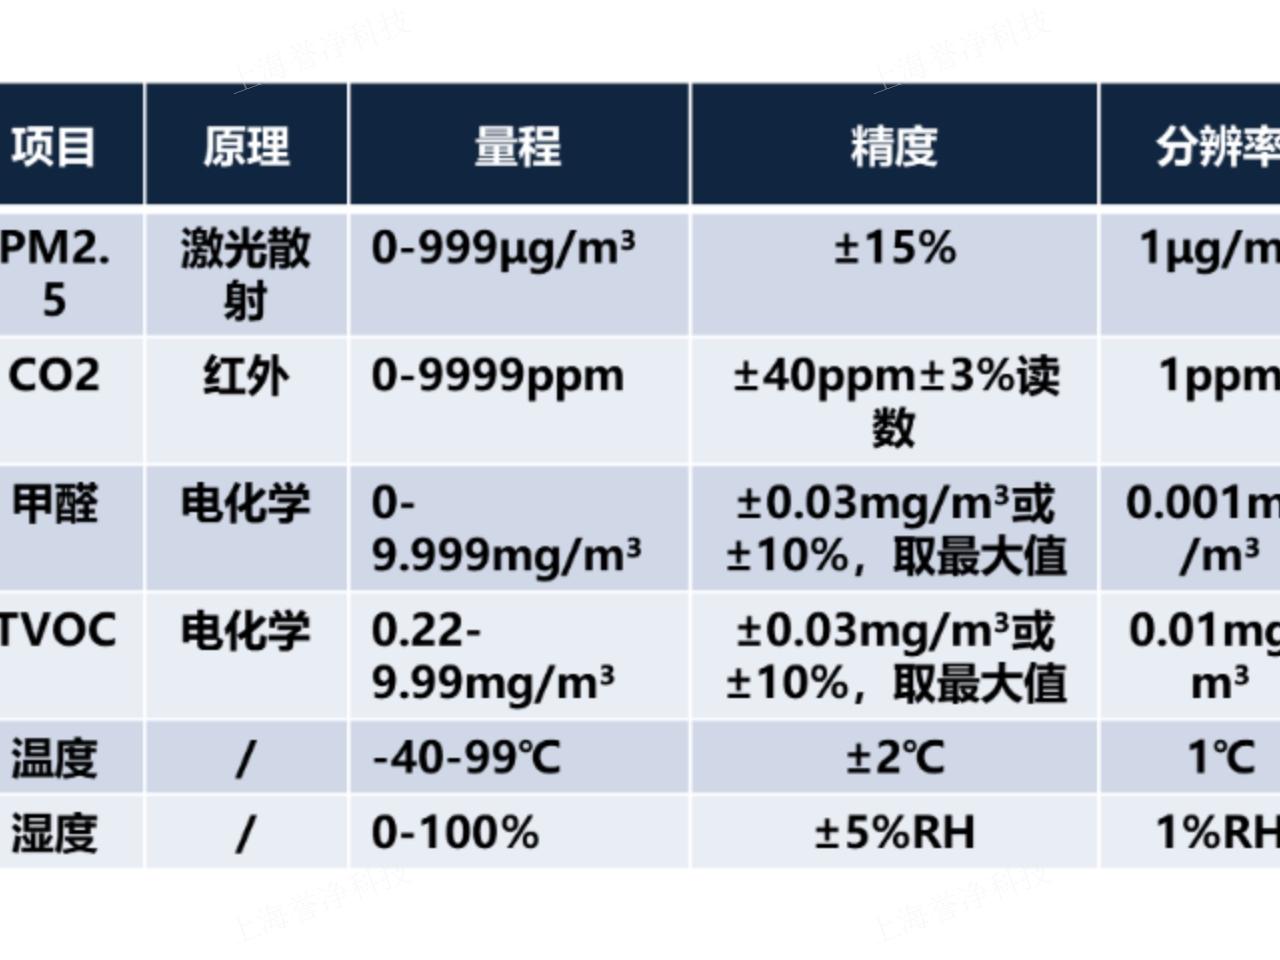 浦东新区灵活室内空气治理供应商 欢迎咨询「誉净供」